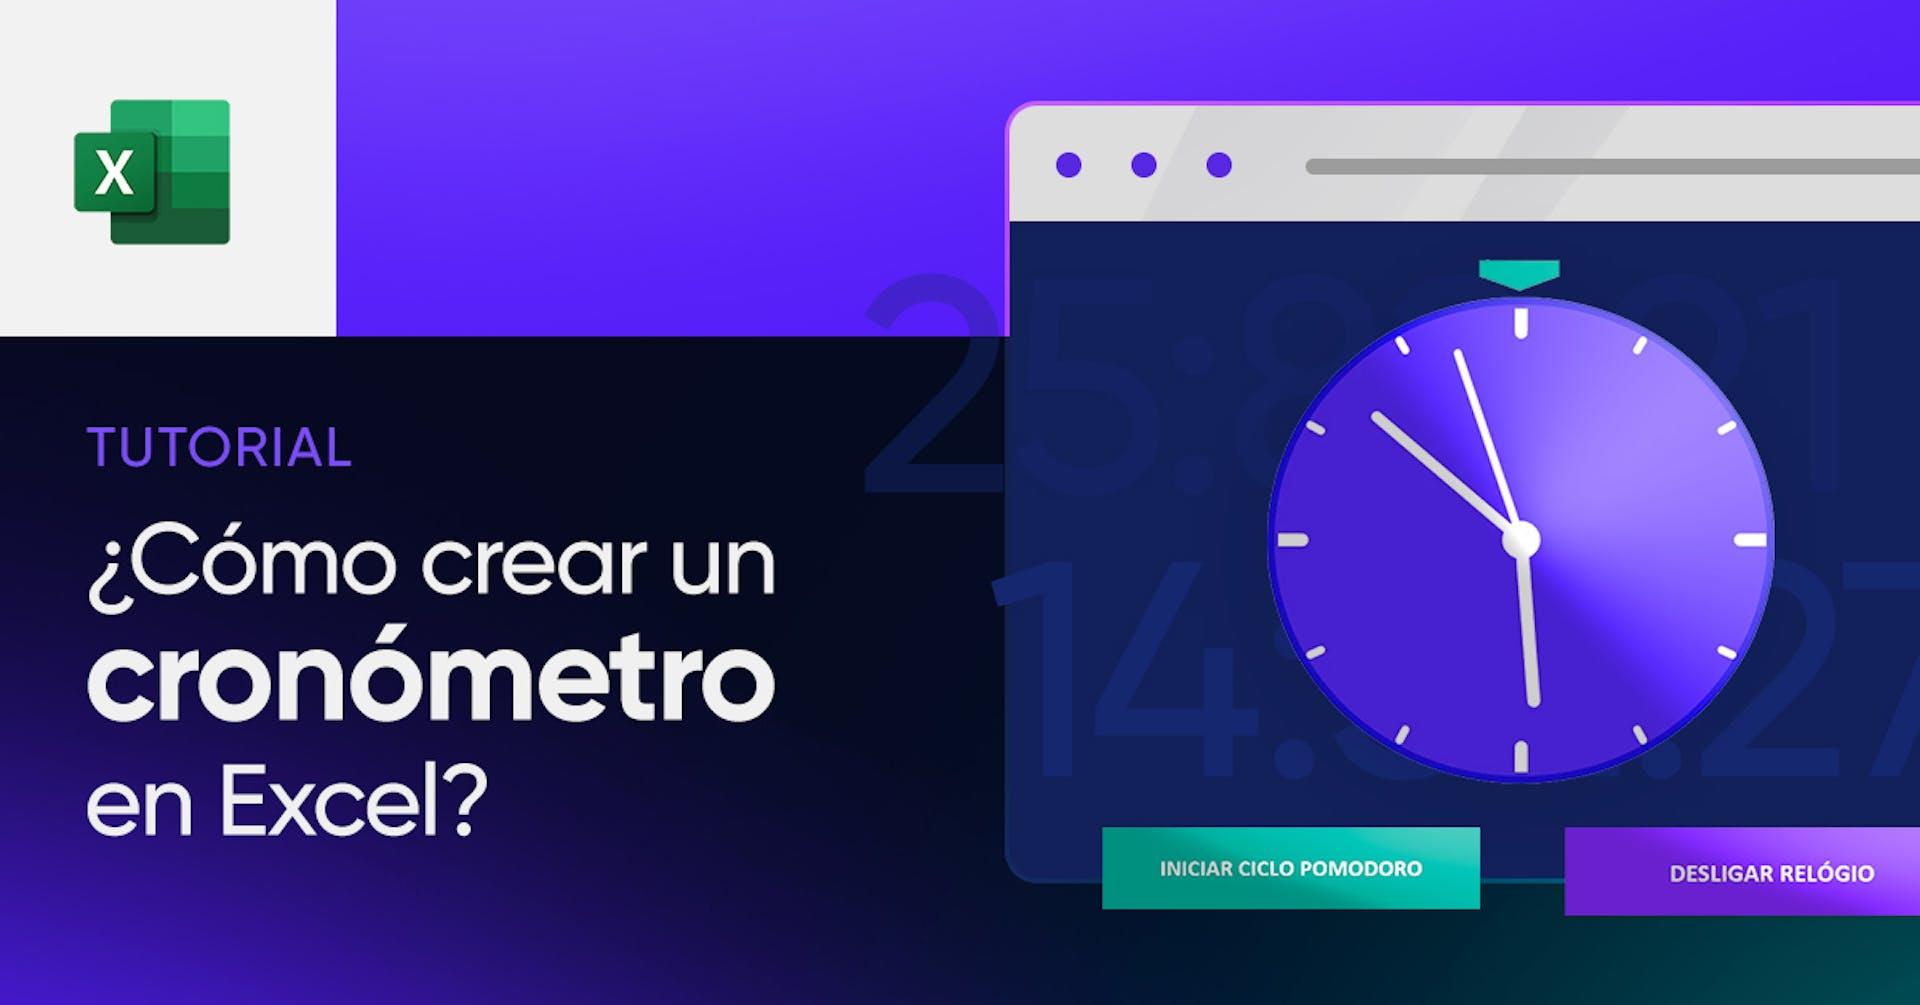 ¿Cómo crear un cronómetro en Excel? Descubre la forma más sencilla de controlar el tiempo